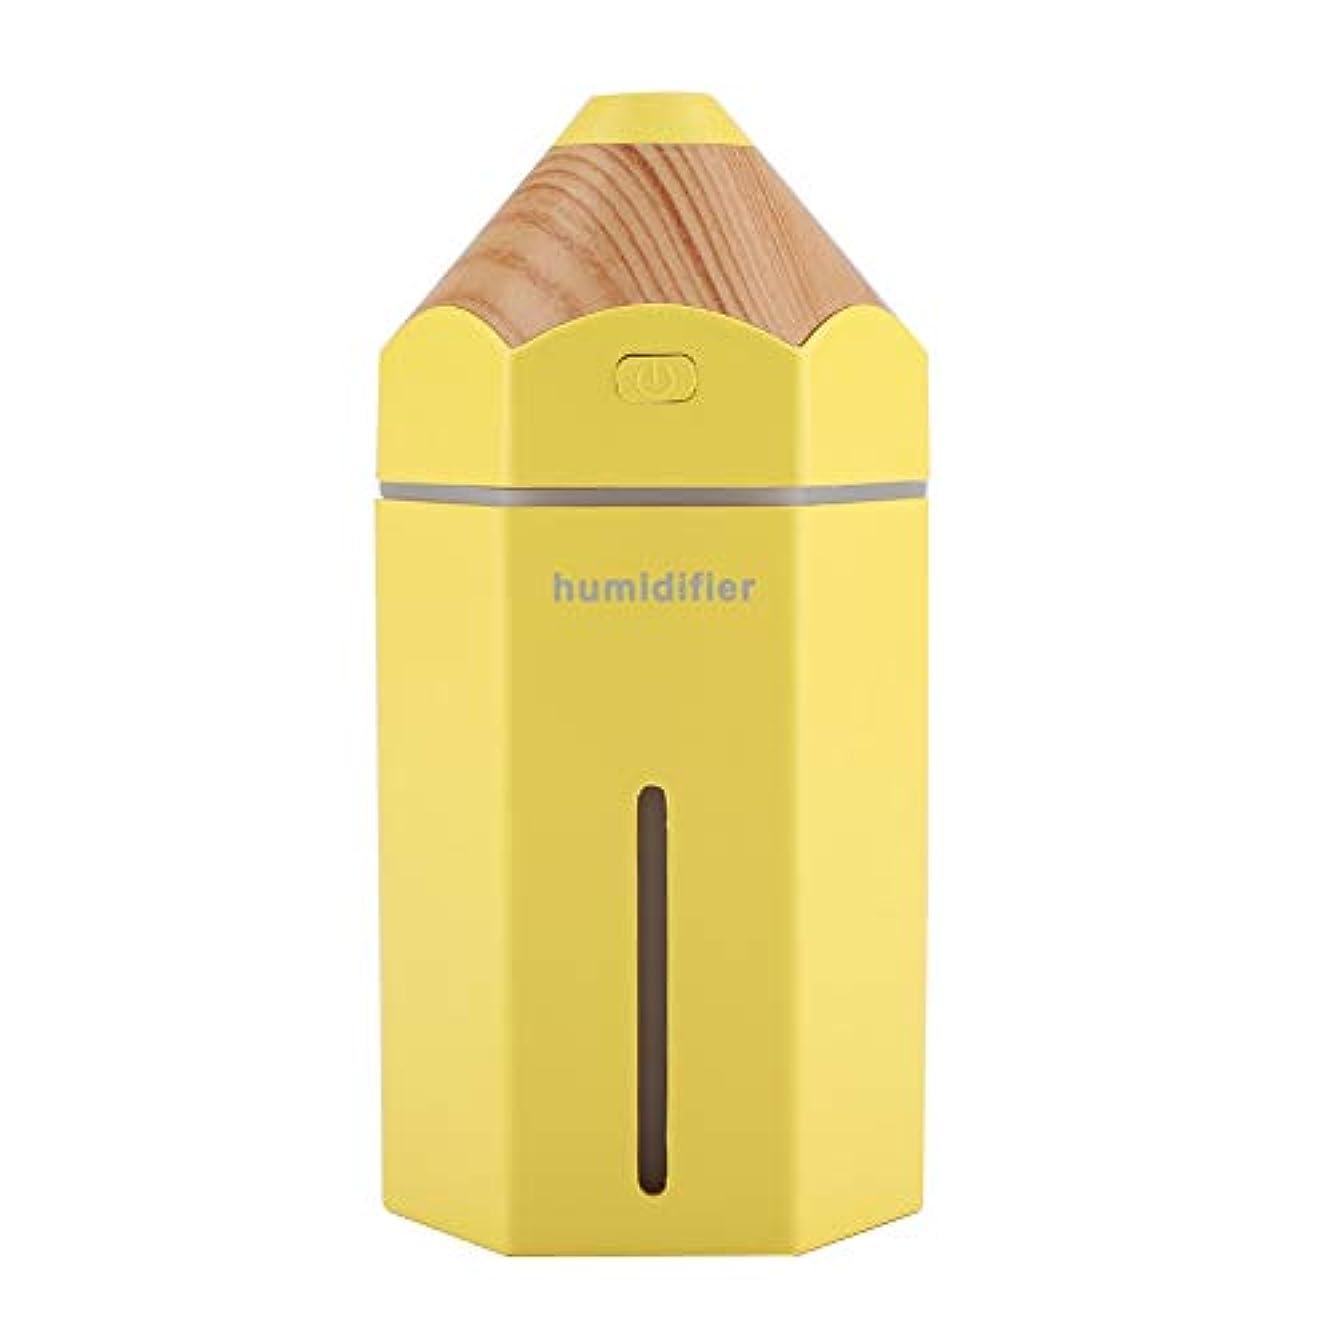 気候分析するこするUSBの拡散器、再充電可能な携帯用車のオフィスの超音波加湿器7色LEDライト拡散器(黄)